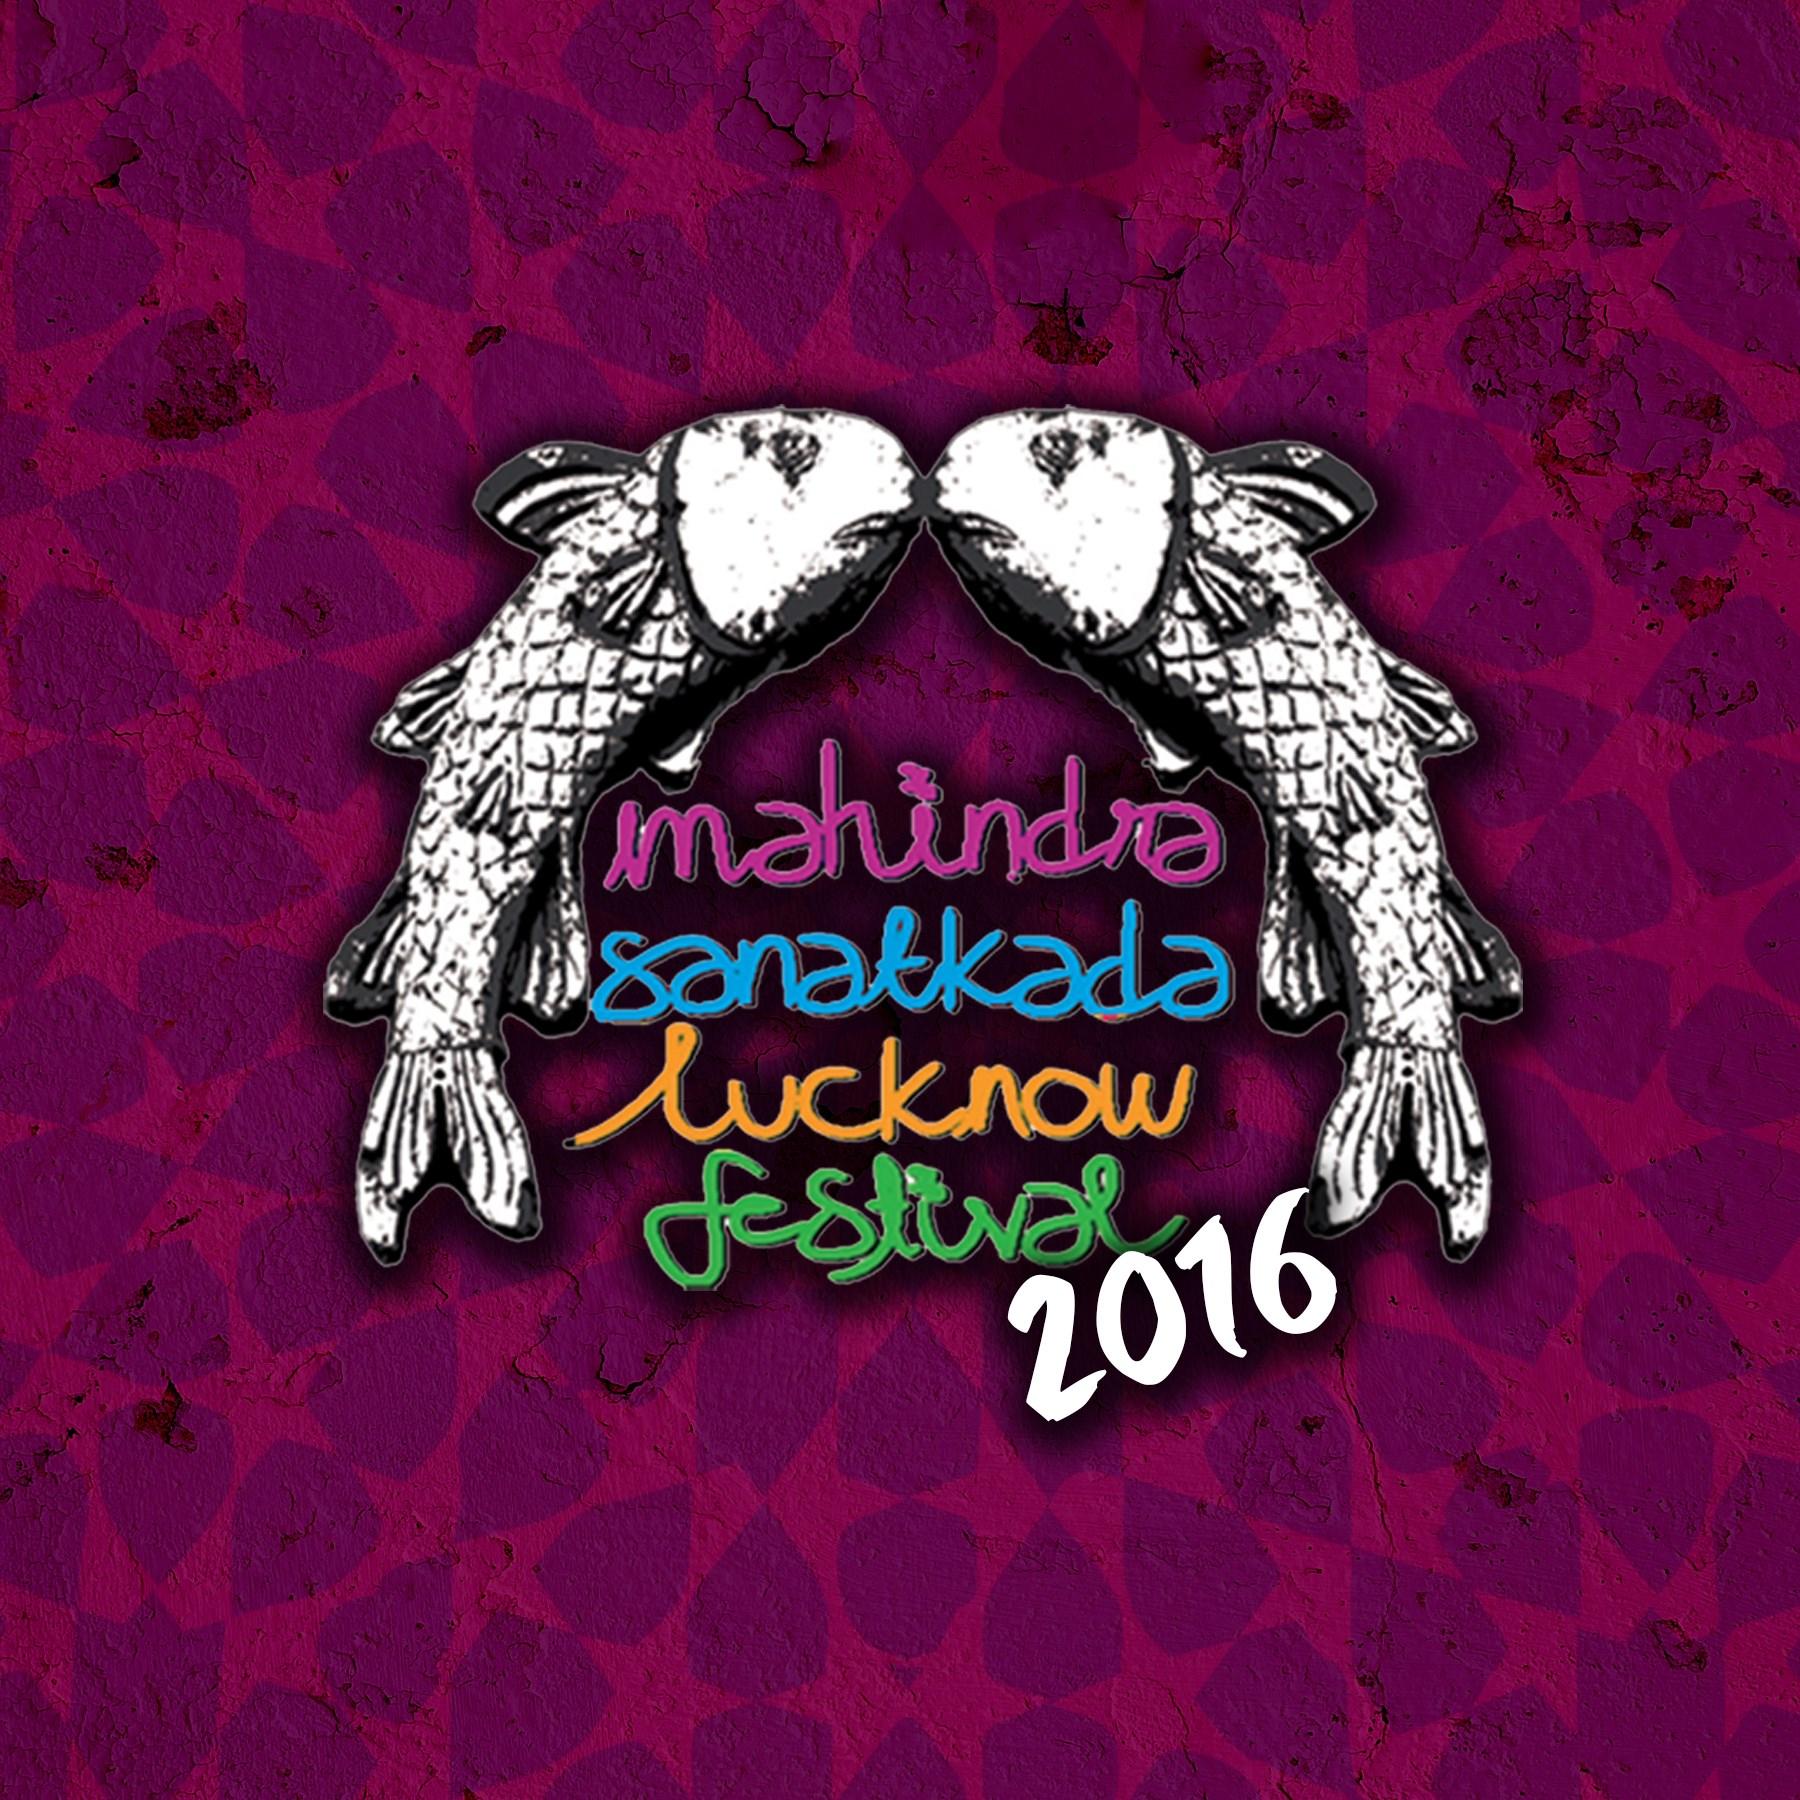 Mahindra Sanatkada Lko Festival 2016